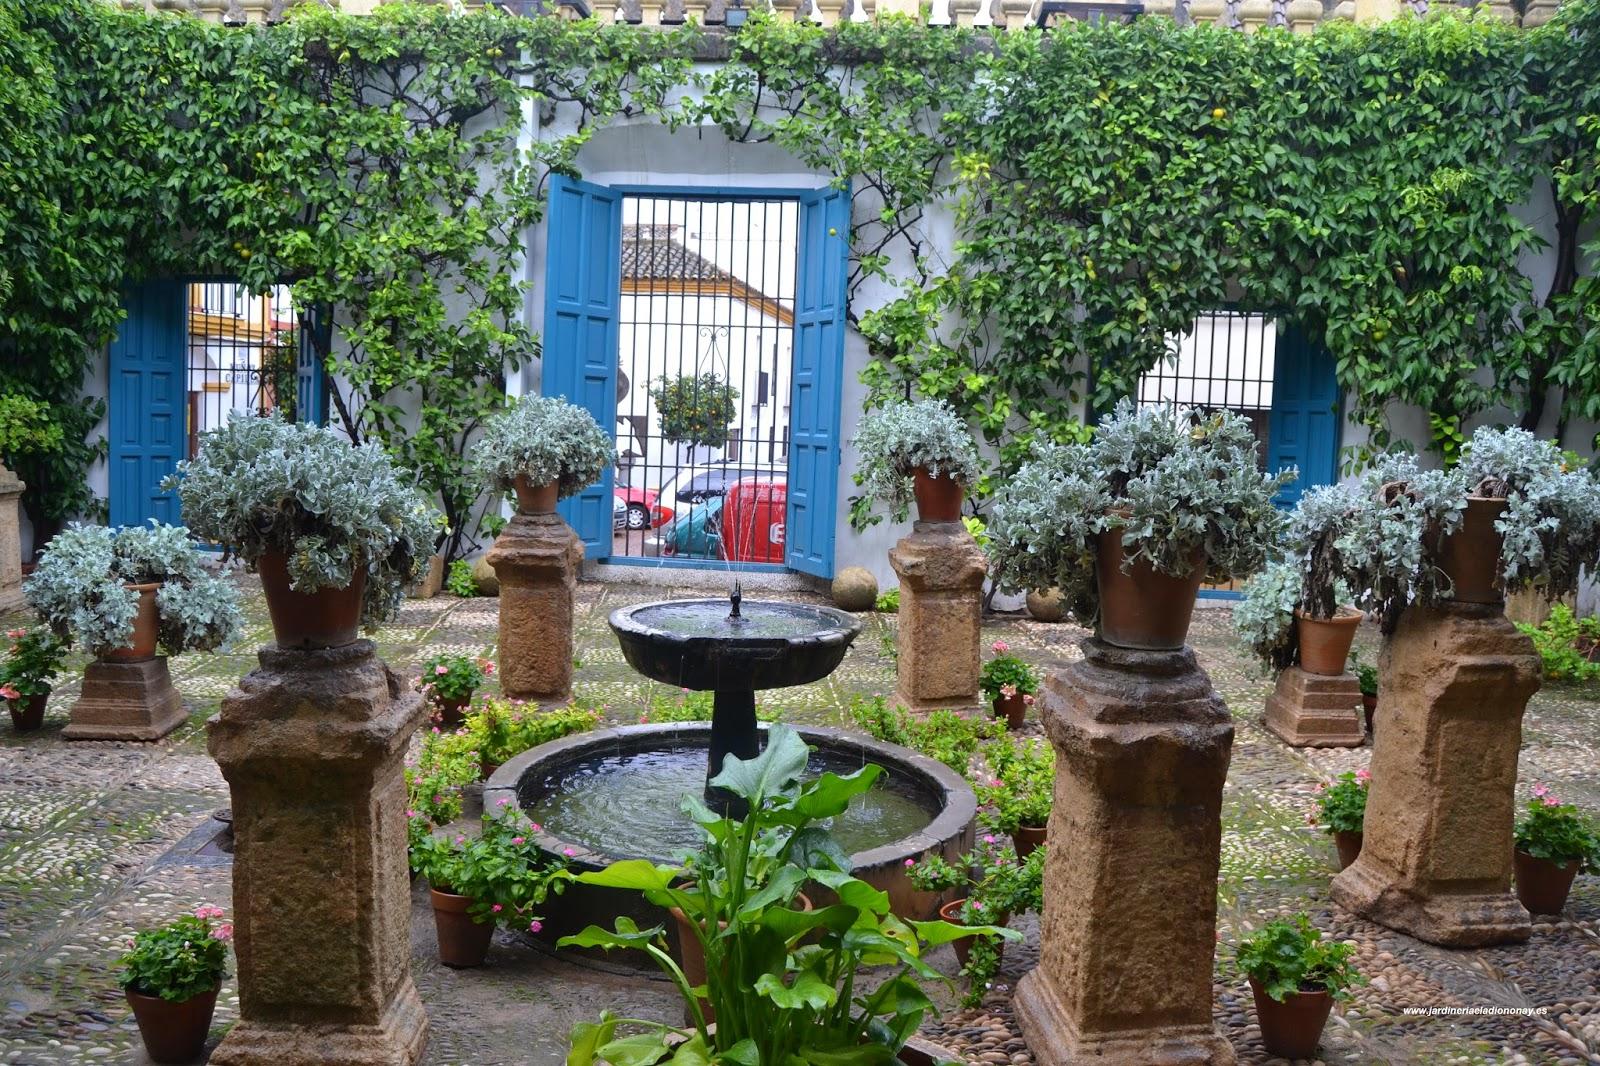 Jardineria eladio nonay patios andaluces jardiner a - Fotos patio andaluz ...